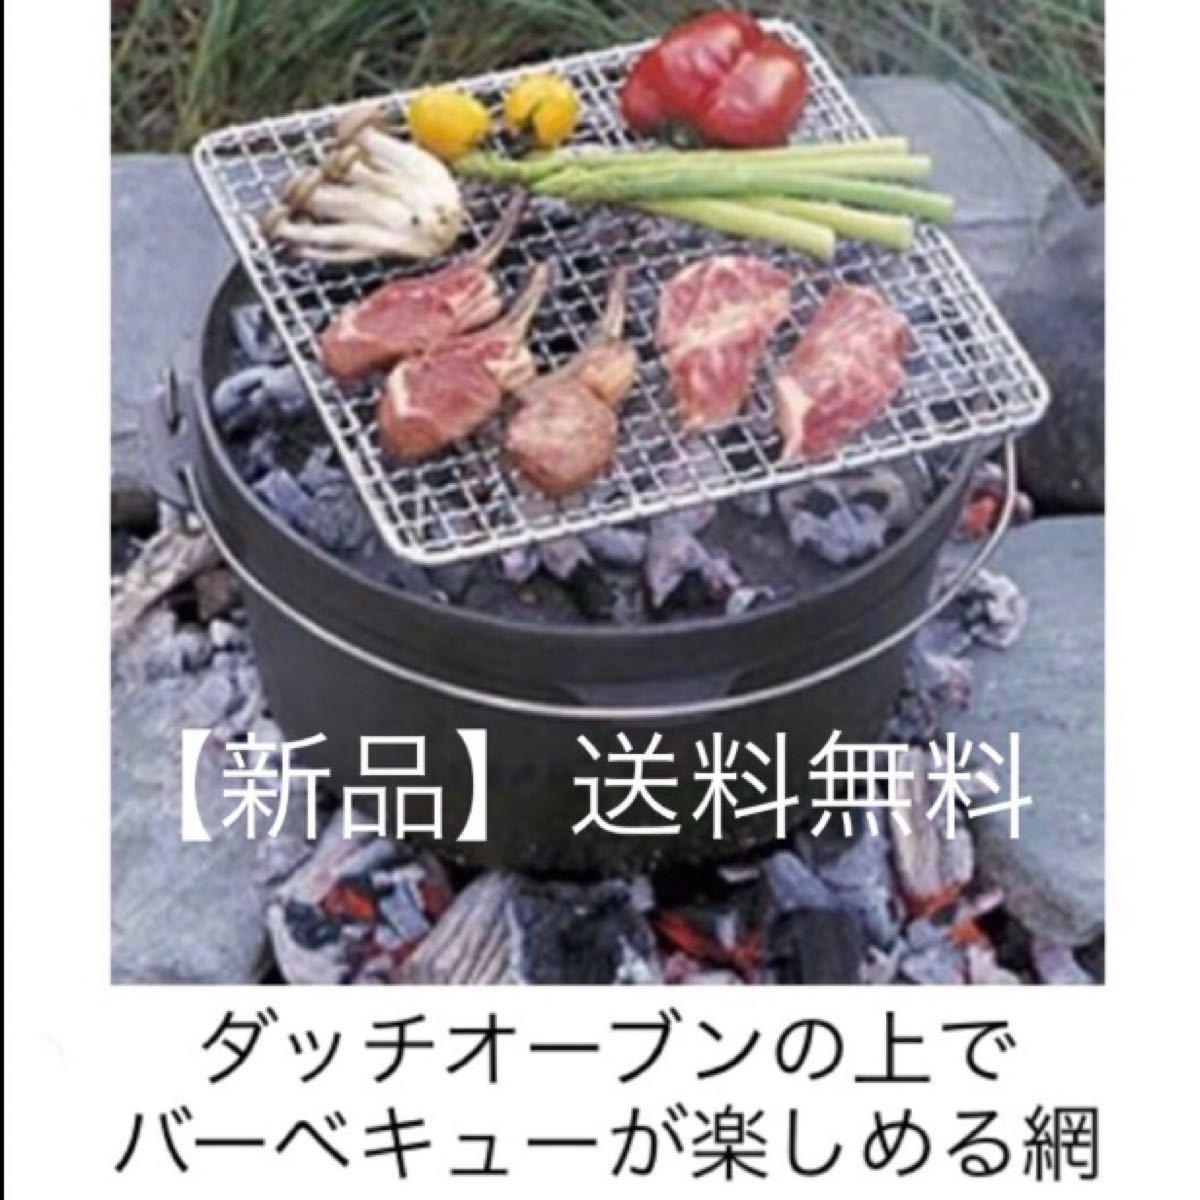 【値下げ不可】ダッチオーブンの上で バーベキューが楽しめる焼き網